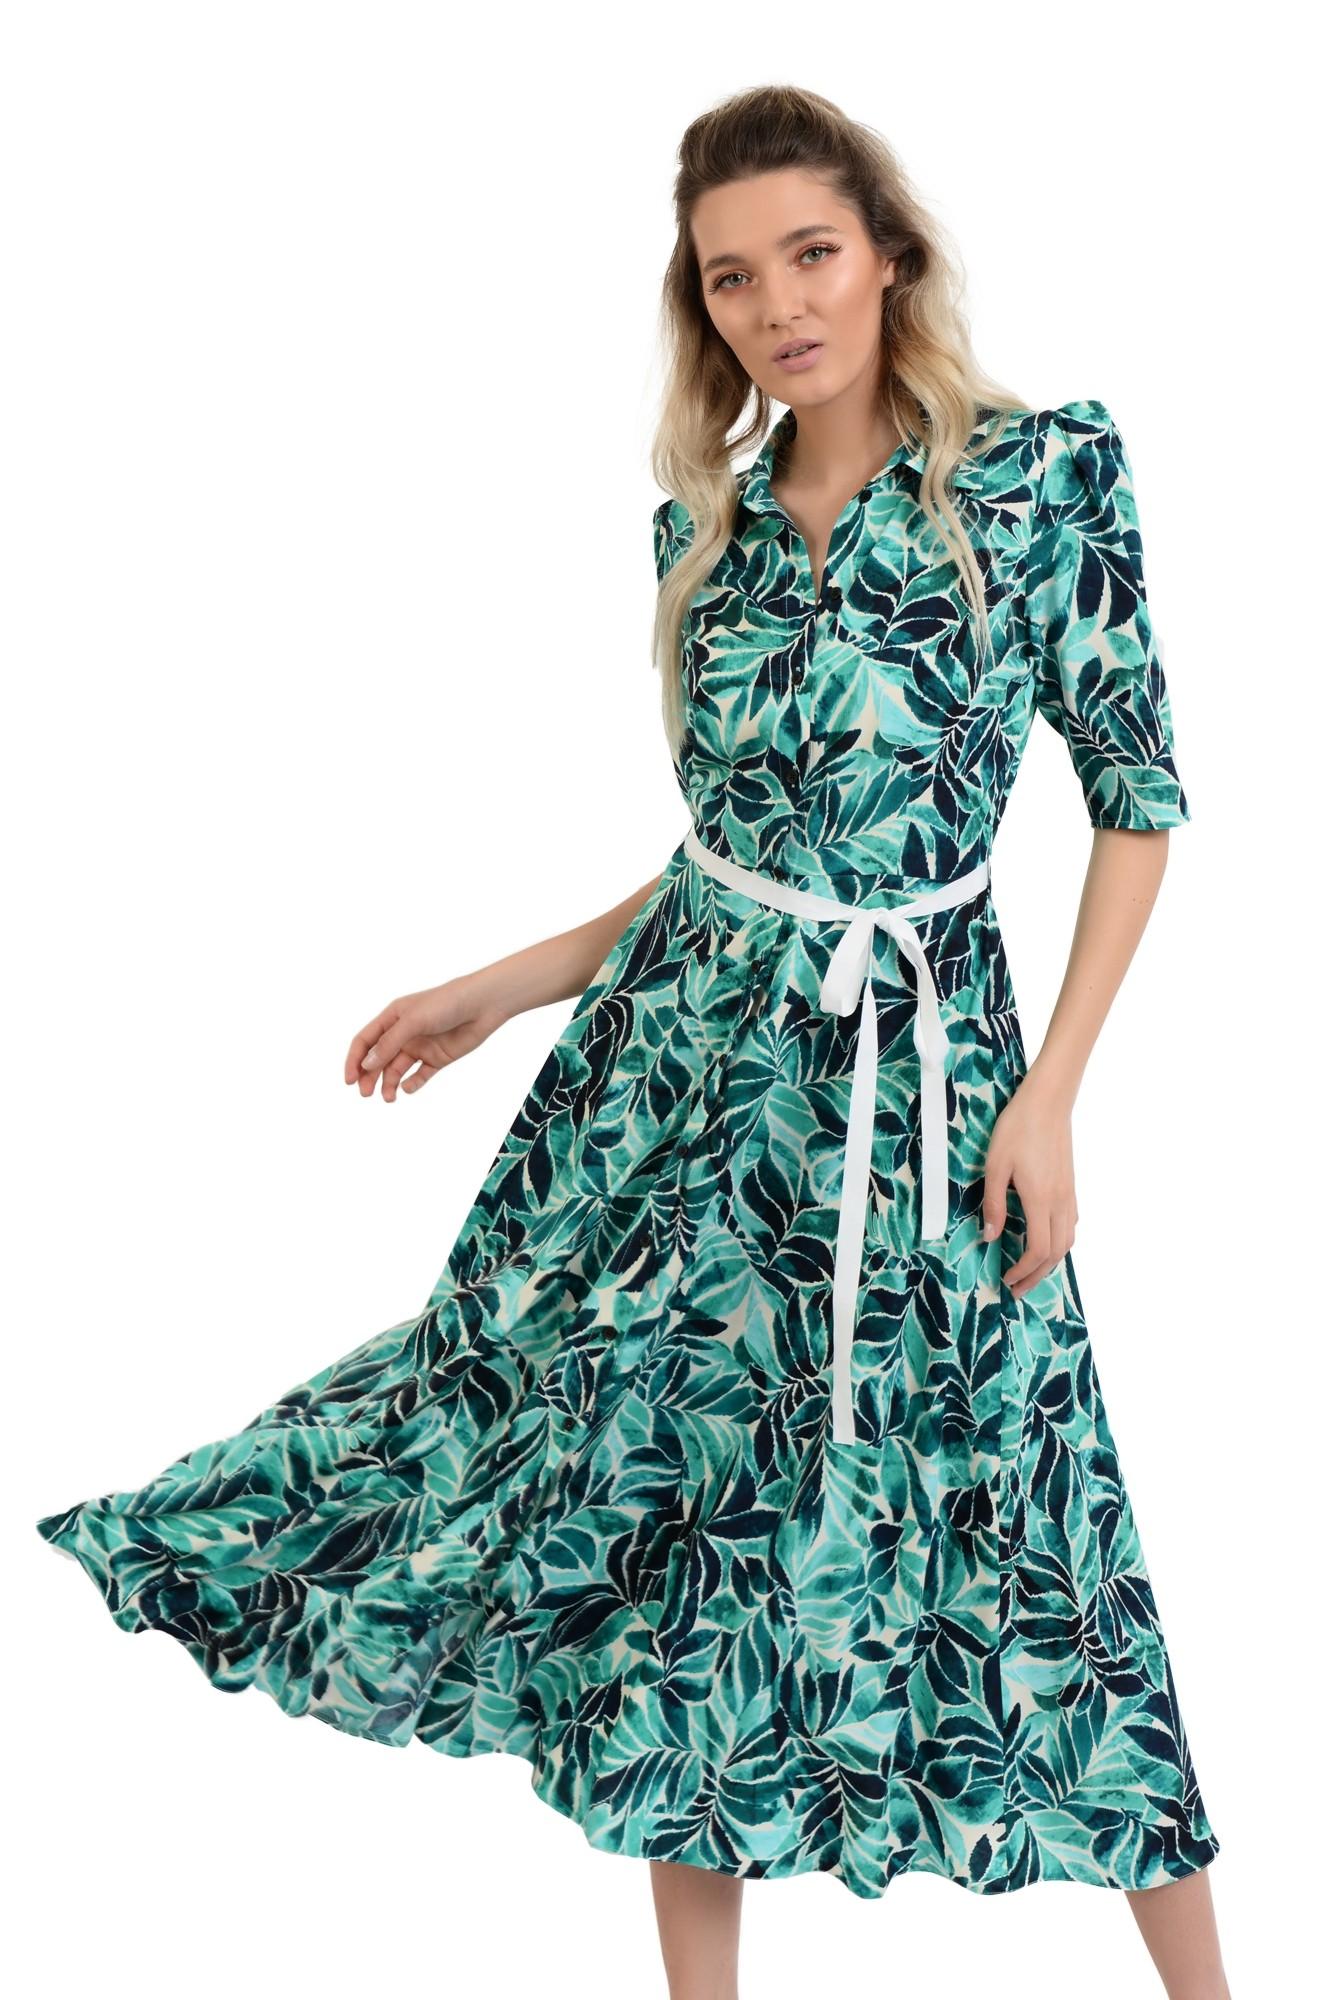 rochie de vara, midi, evazata, cu print, cu cordon in contrast